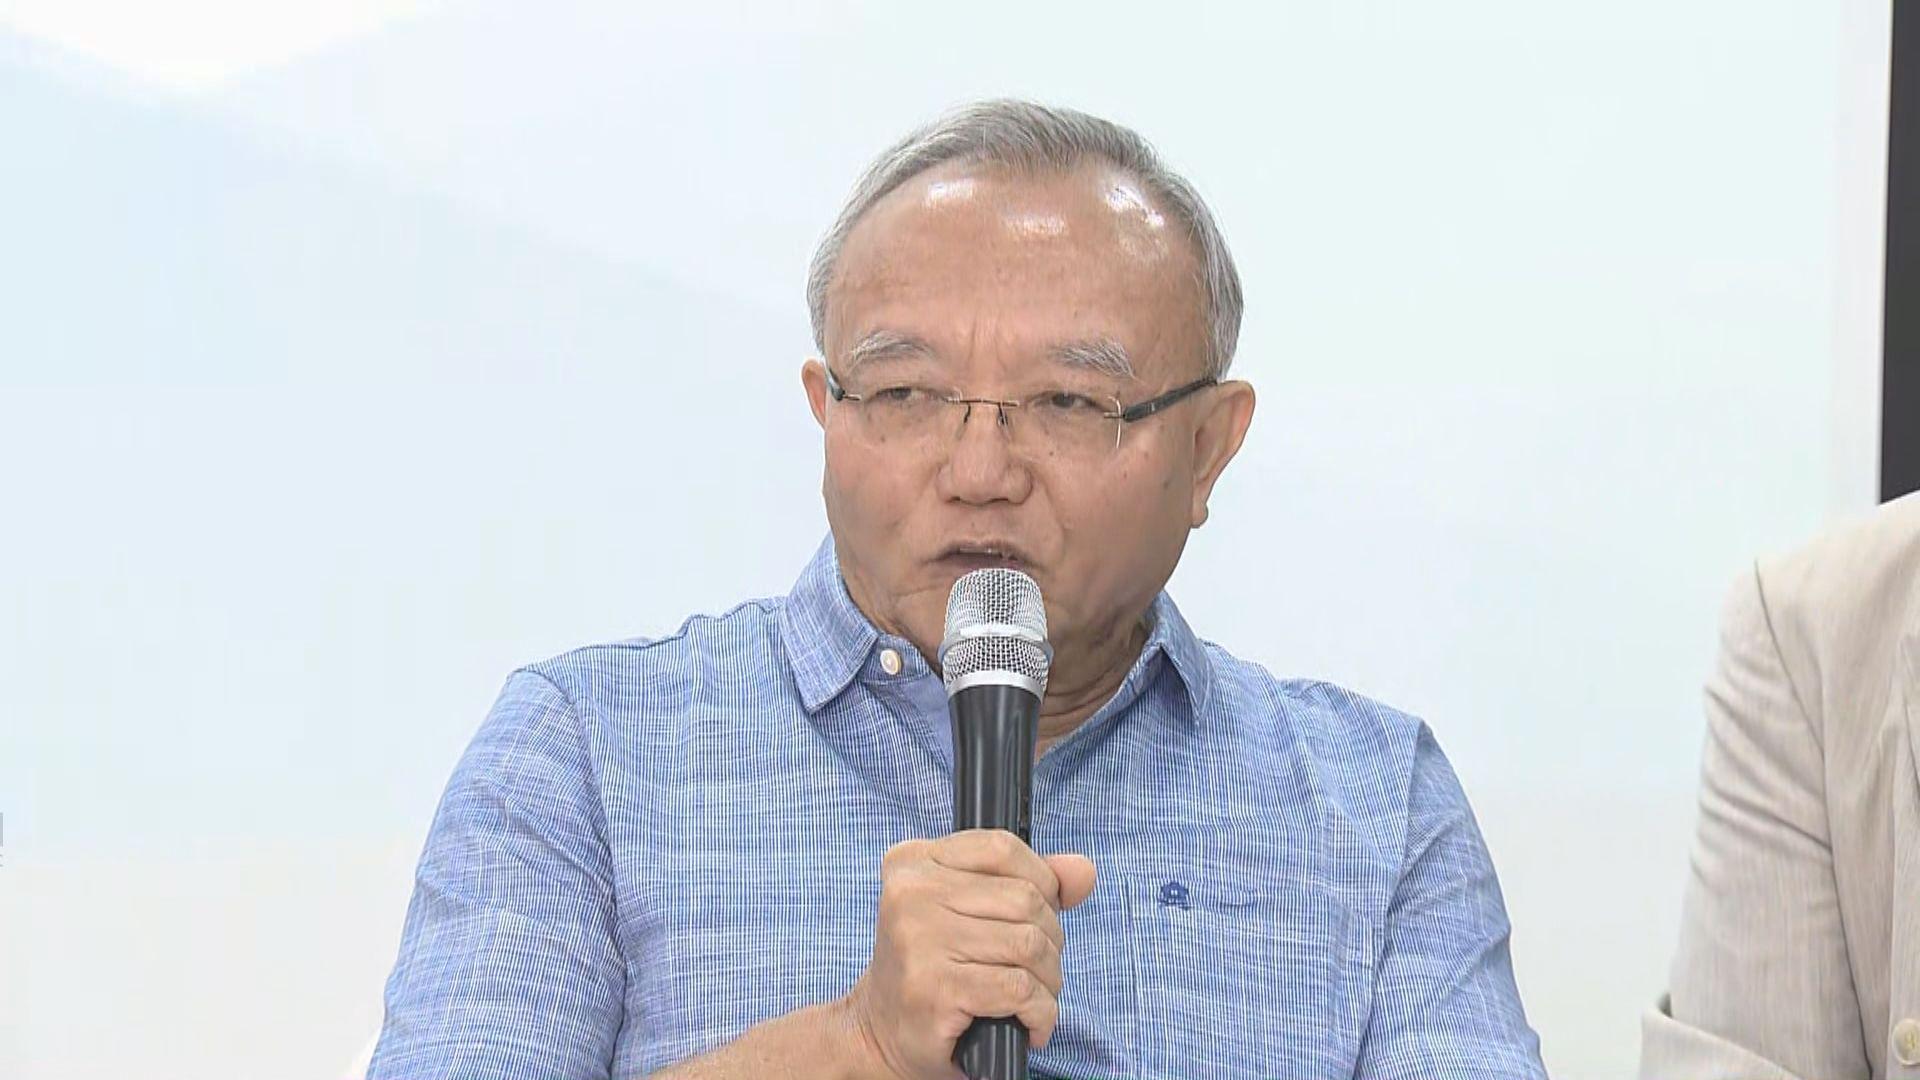 劉兆佳:修訂逃犯條例上升至國家主權問題